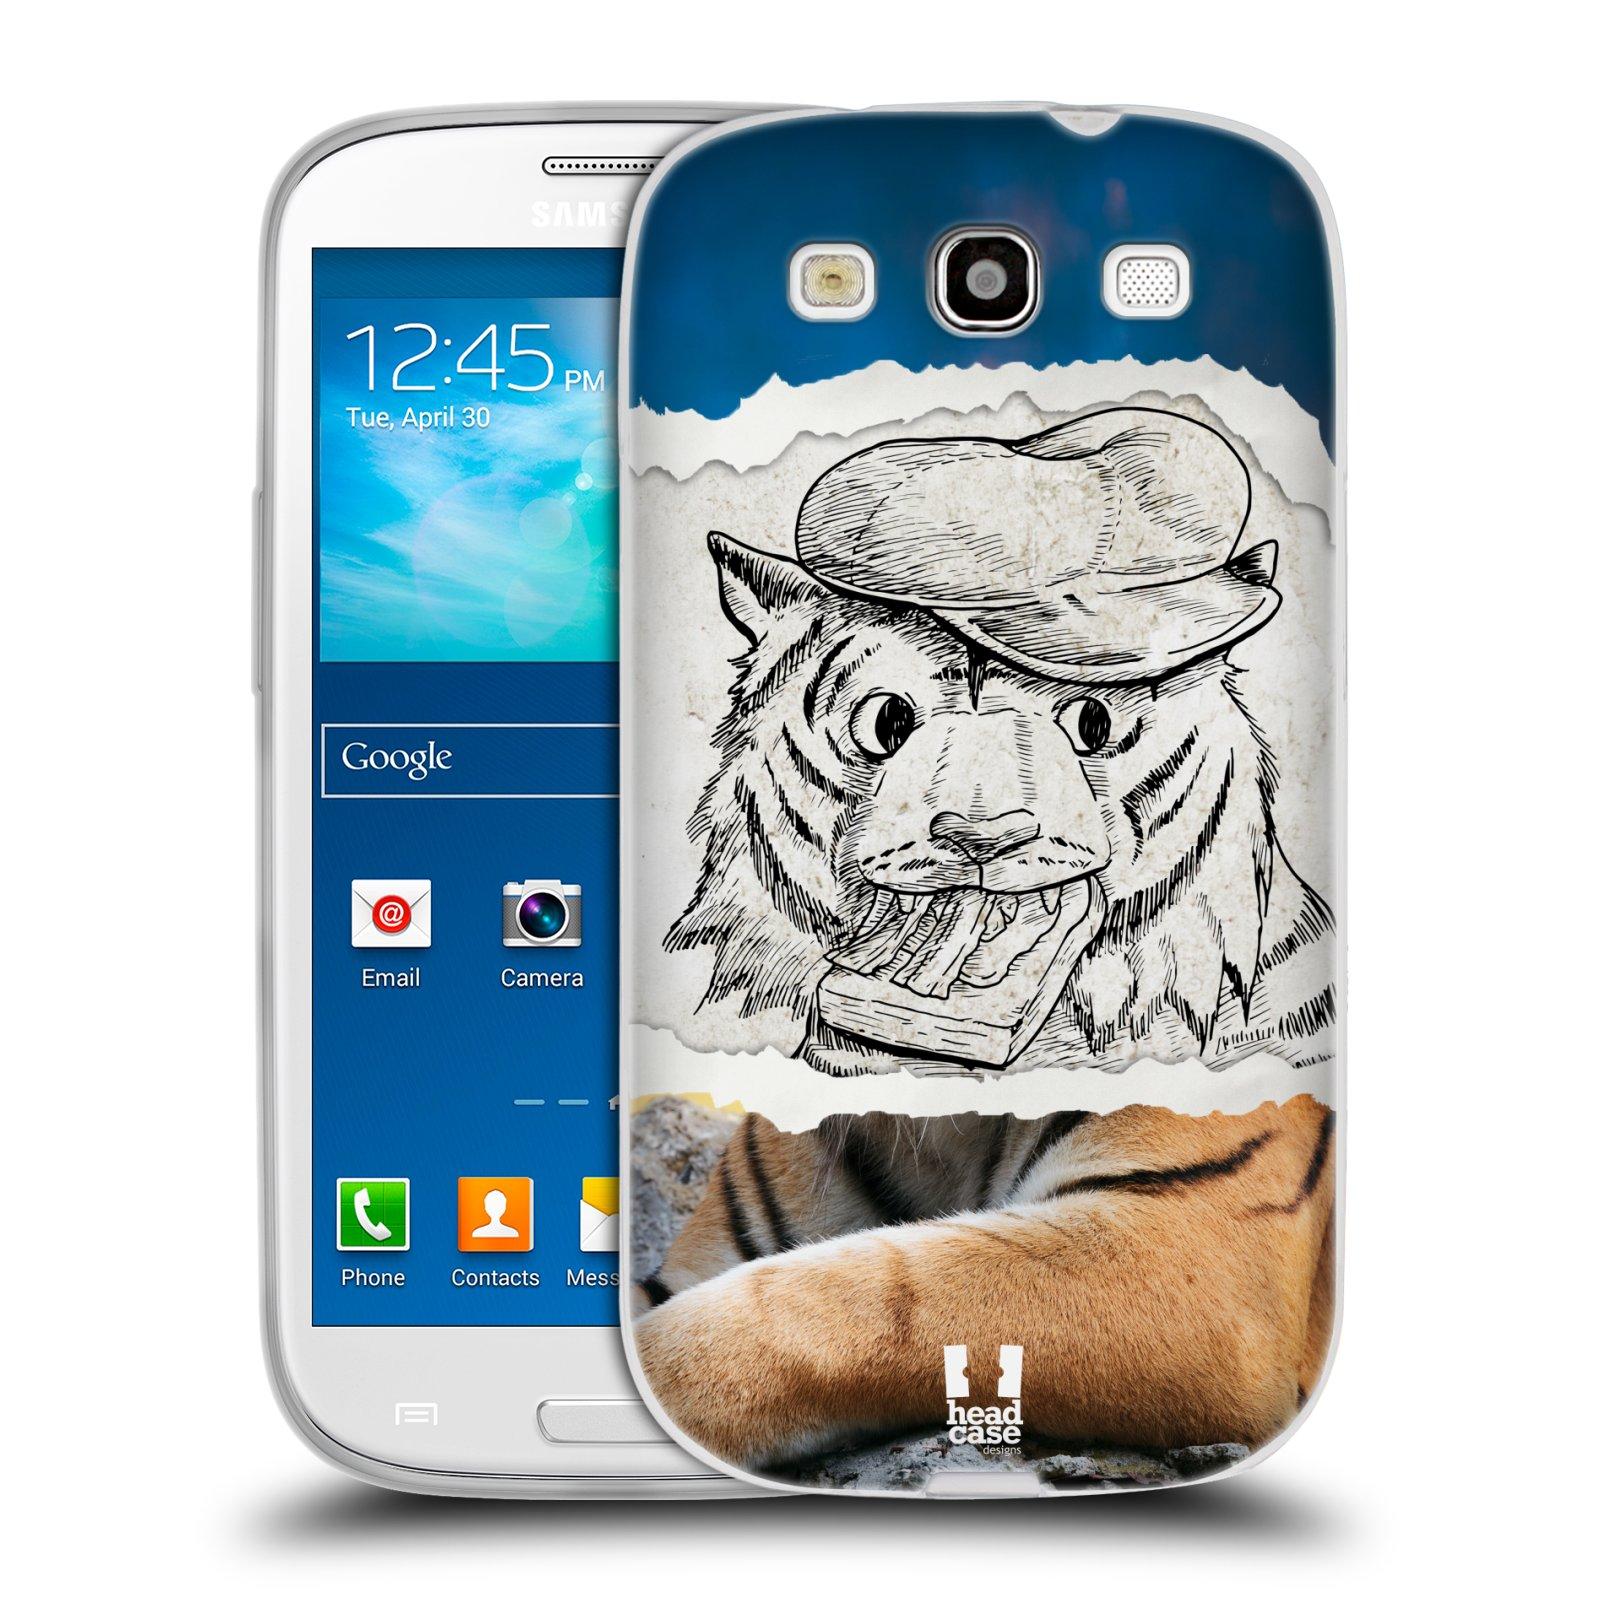 HEAD CASE silikonový obal na mobil Samsung Galaxy S3 i9300 vzor zvířata koláž tygr fešák